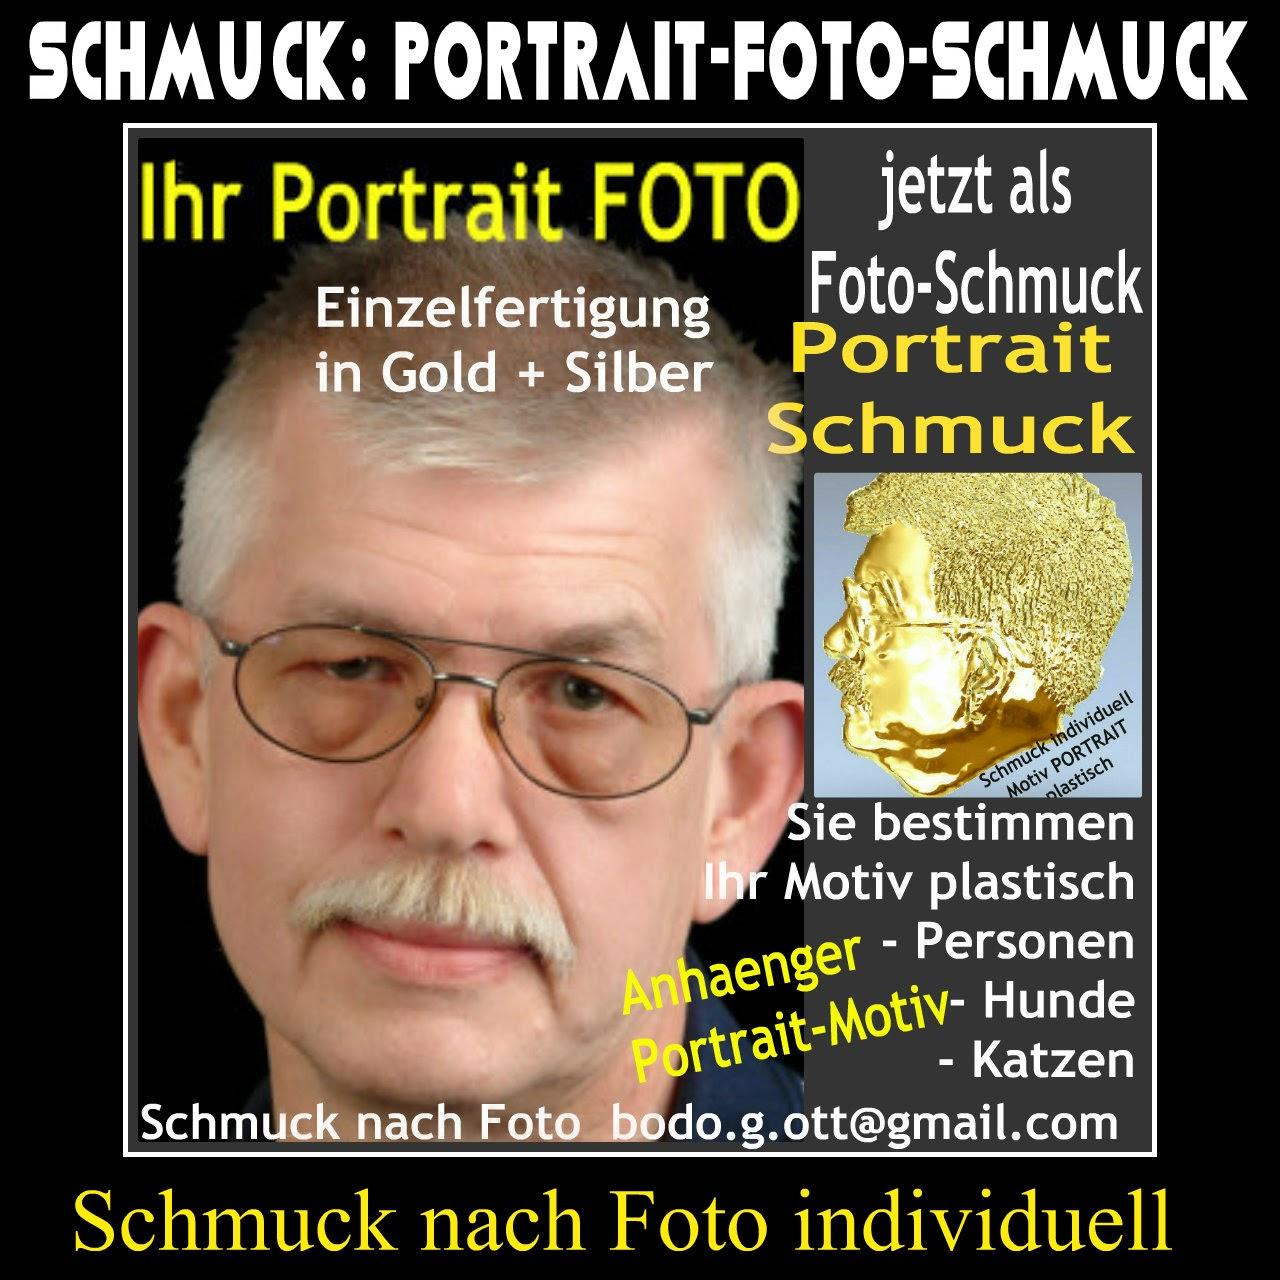 Portraitschmuck mit Motiv nach Foto